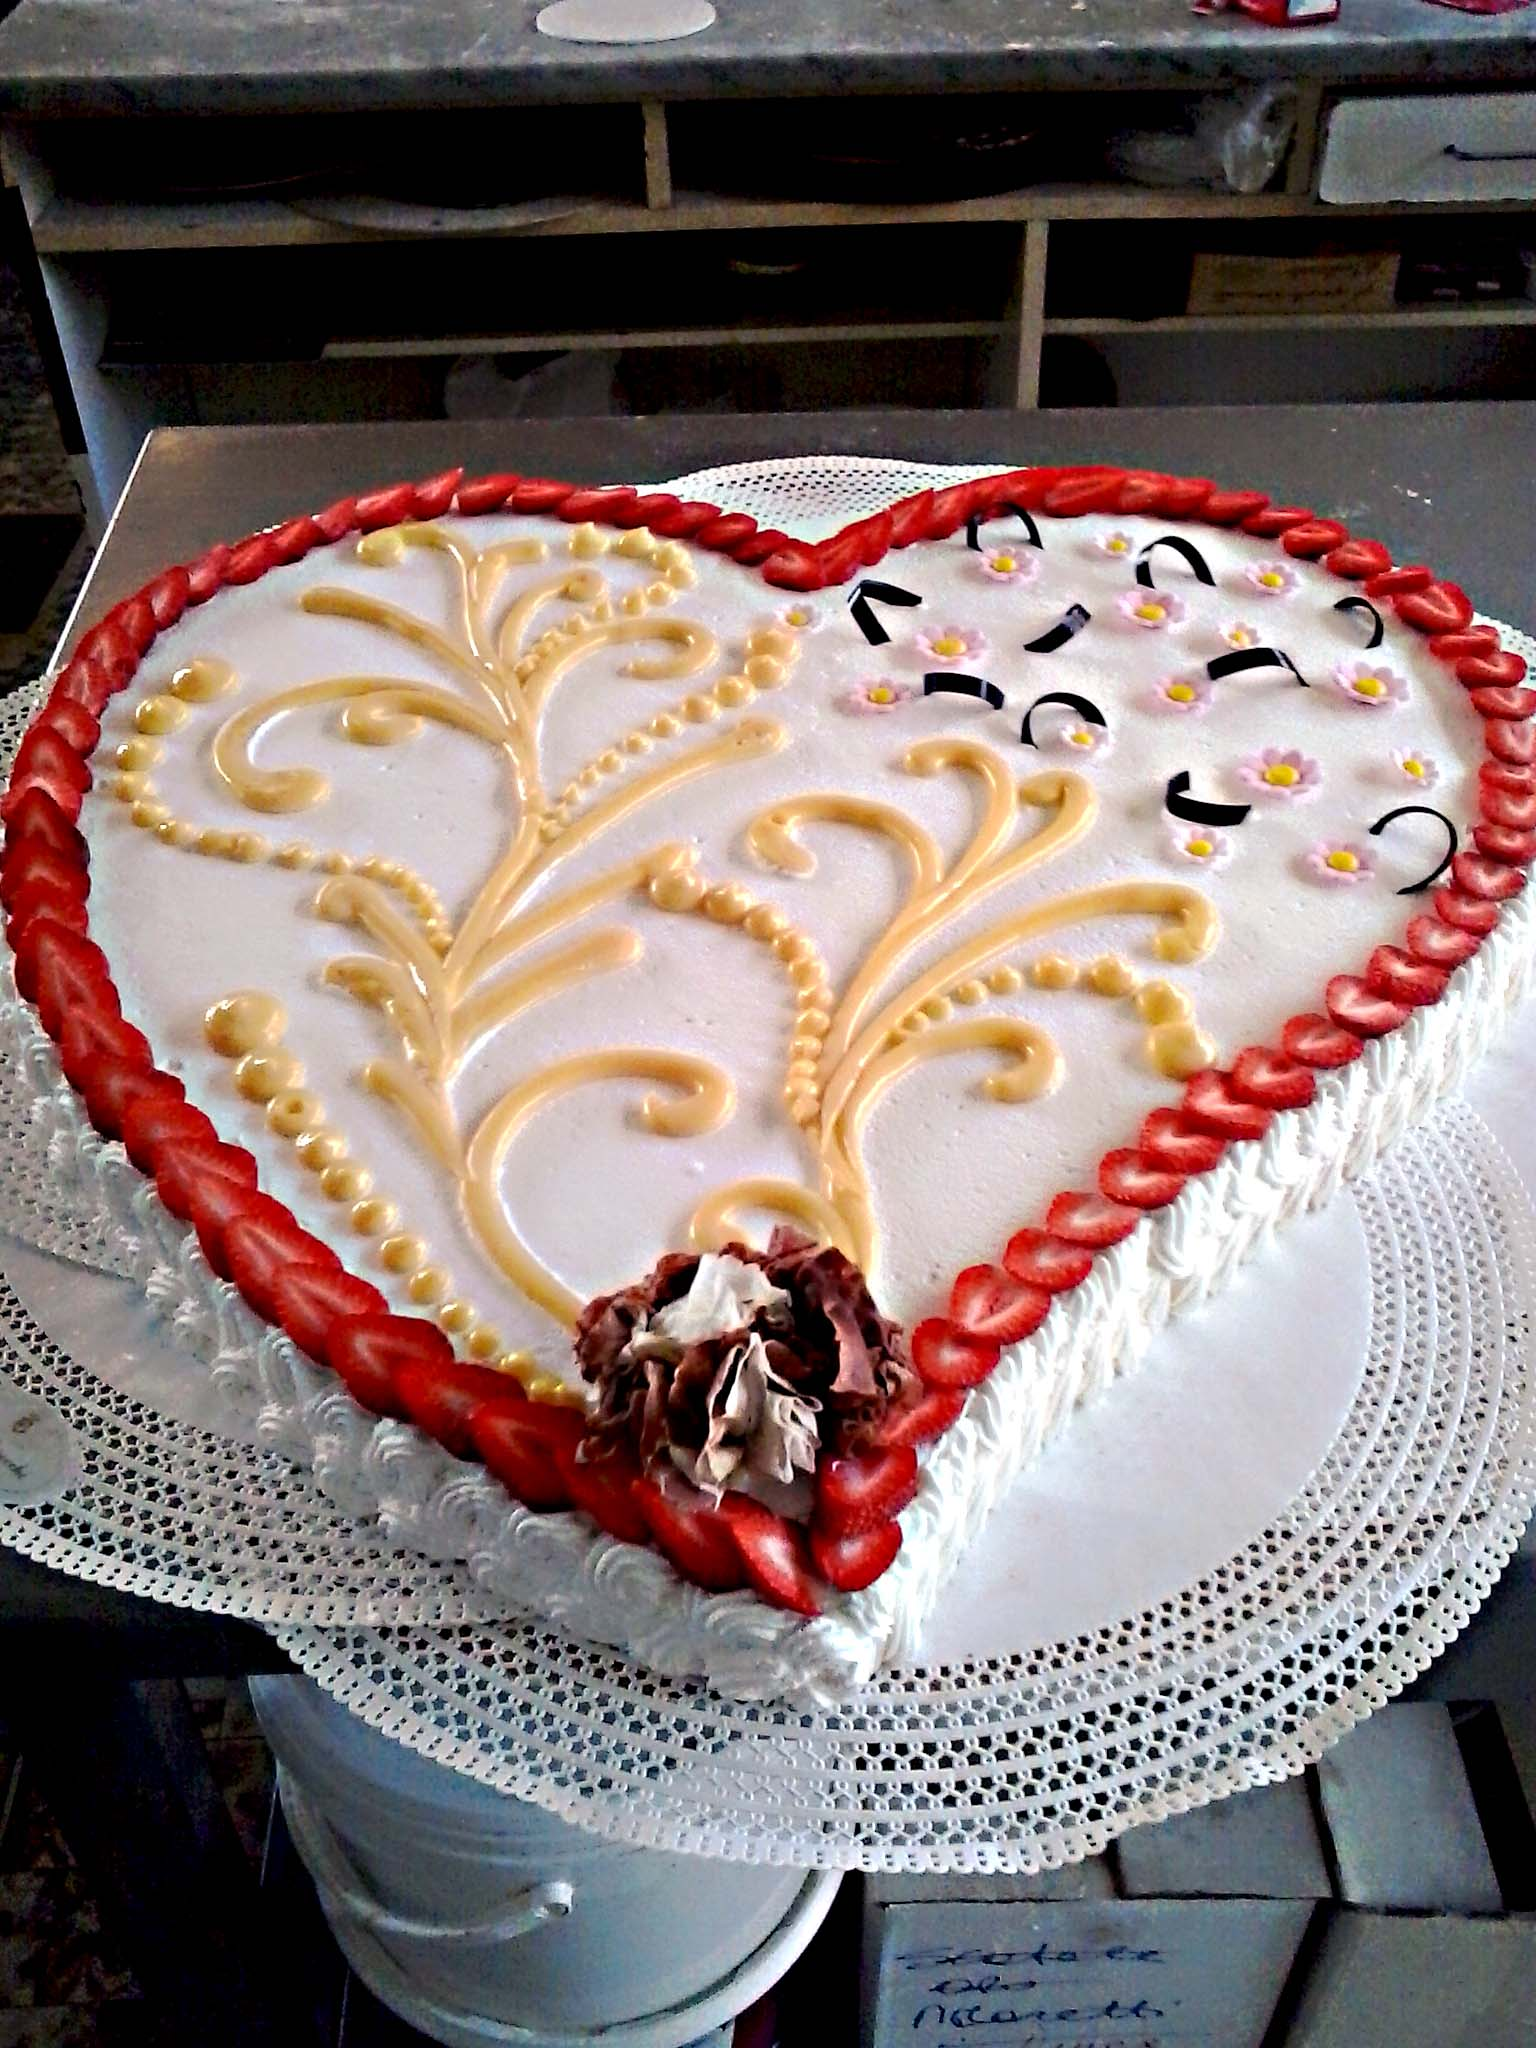 Pasticceria gnocchi prodotto dettaglio torte di forme particolari - Bagno per torte senza liquore ...